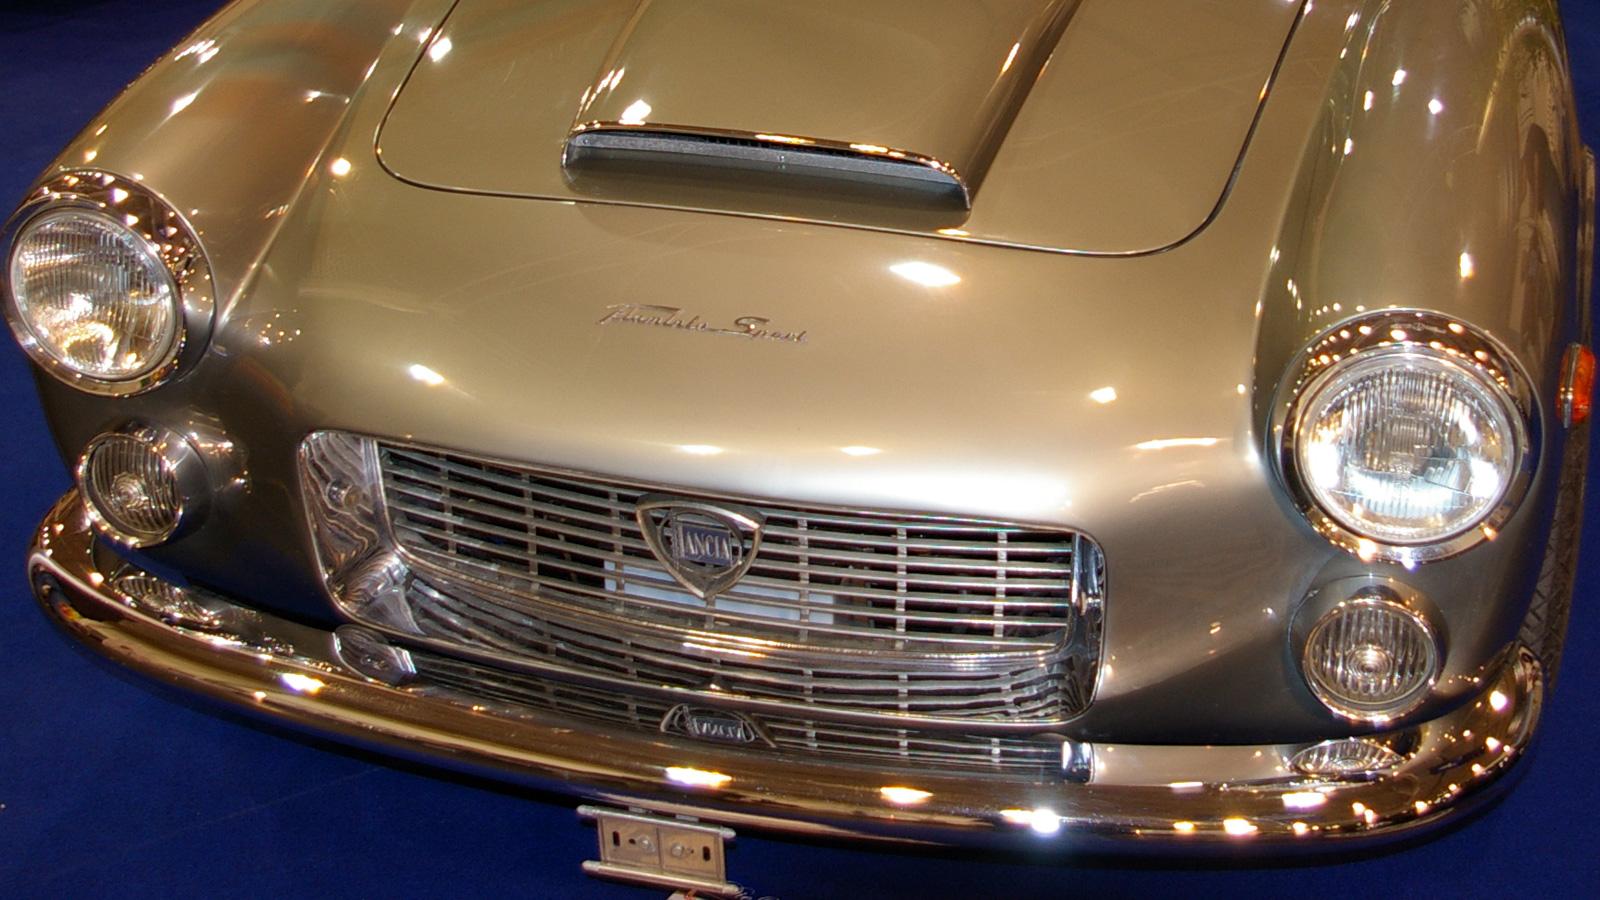 Alte Motoren, Oldtimer und vollsynthetisches Öl - Ist das gut oder schlecht?